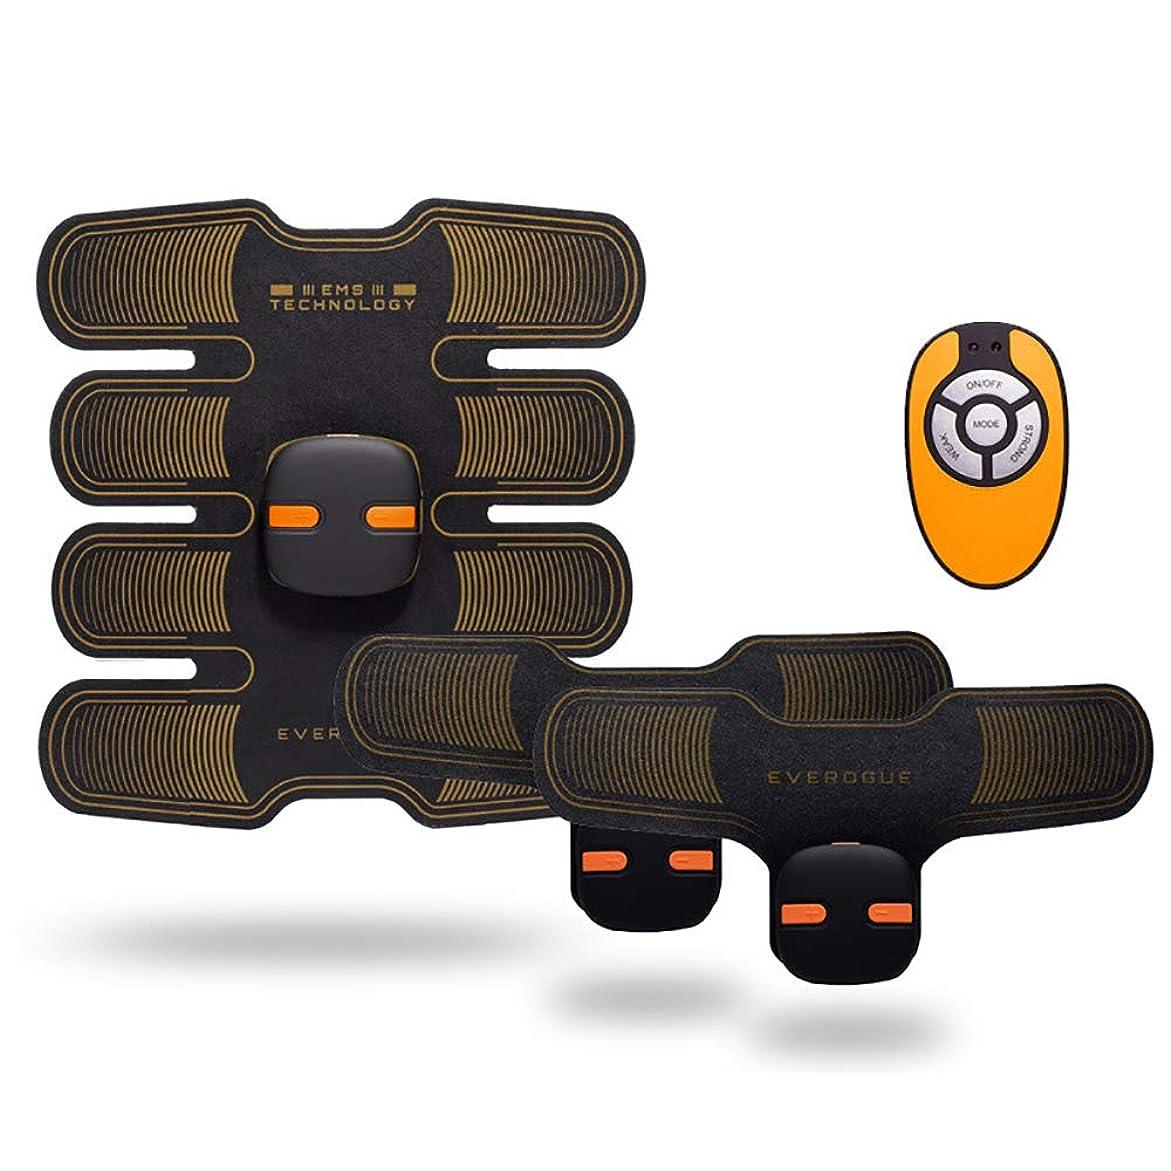 変更冗談でつぶす筋肉トナー、腹部調色ベルトabsトレーナーボディフィットネスベルトトレーニングマシン6モード10レベル用アームレッグトレーナー,Orange,1